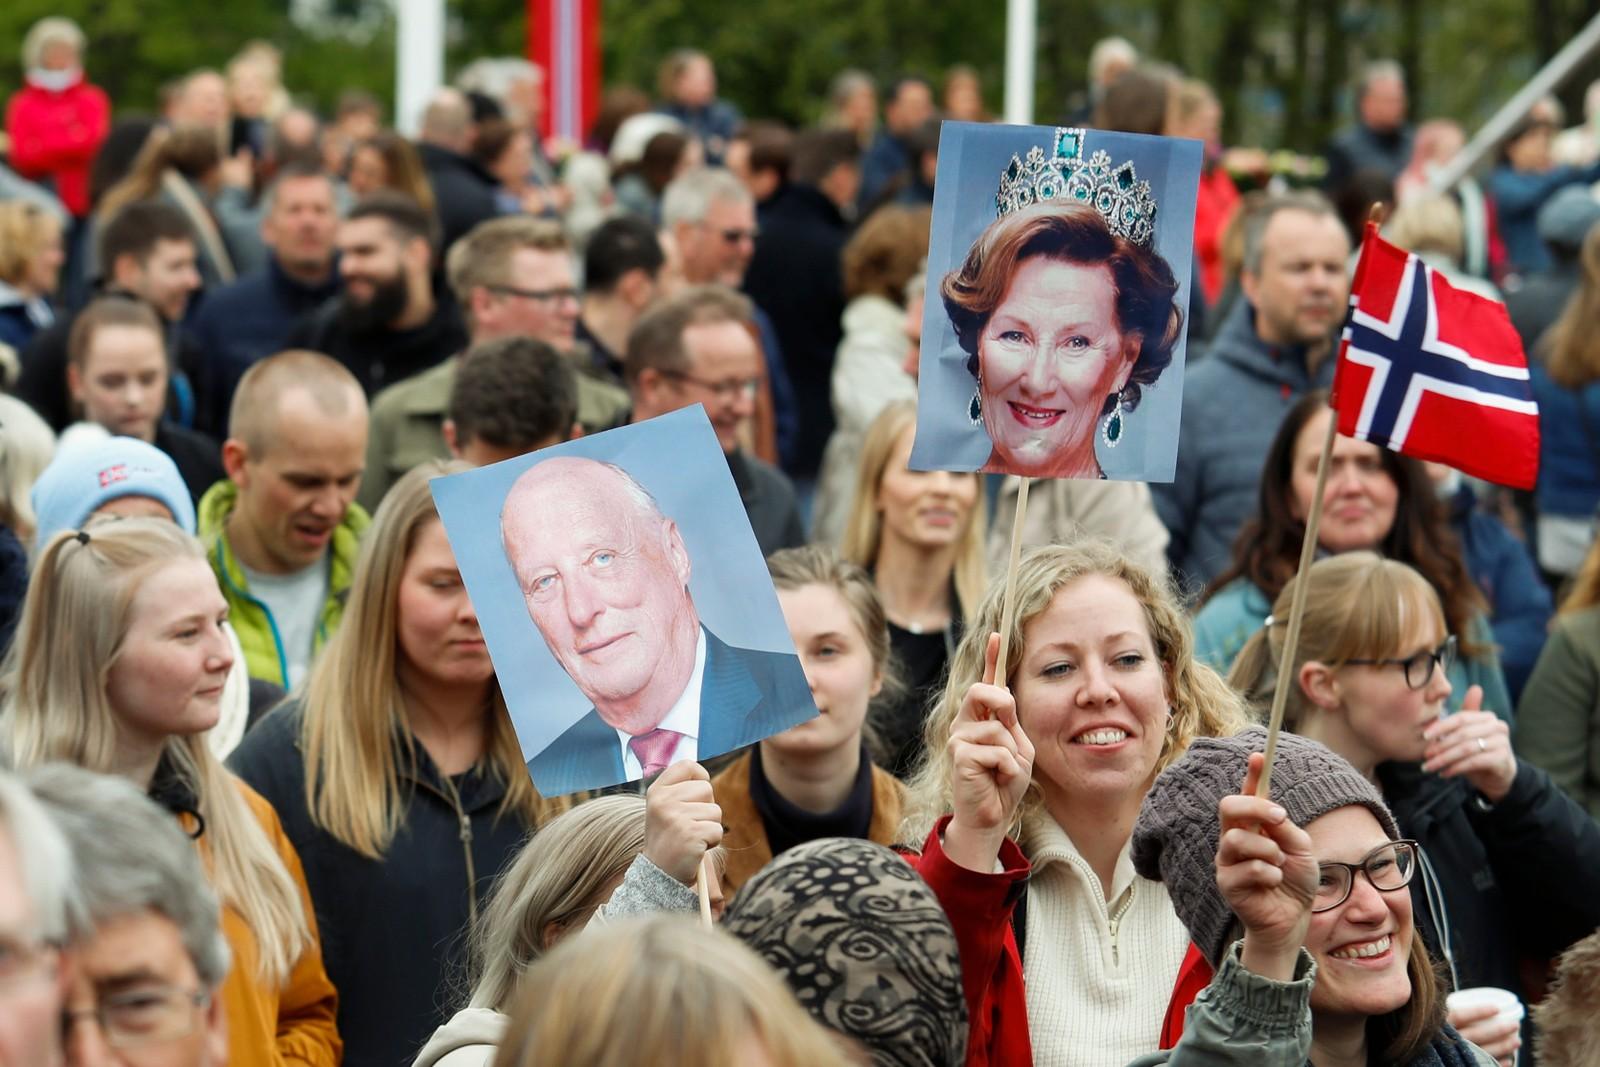 Publikum med plakater av kong Harald og dronning Sonja på Slottsplassen i anledning kongeparets 80-årsfeiring.